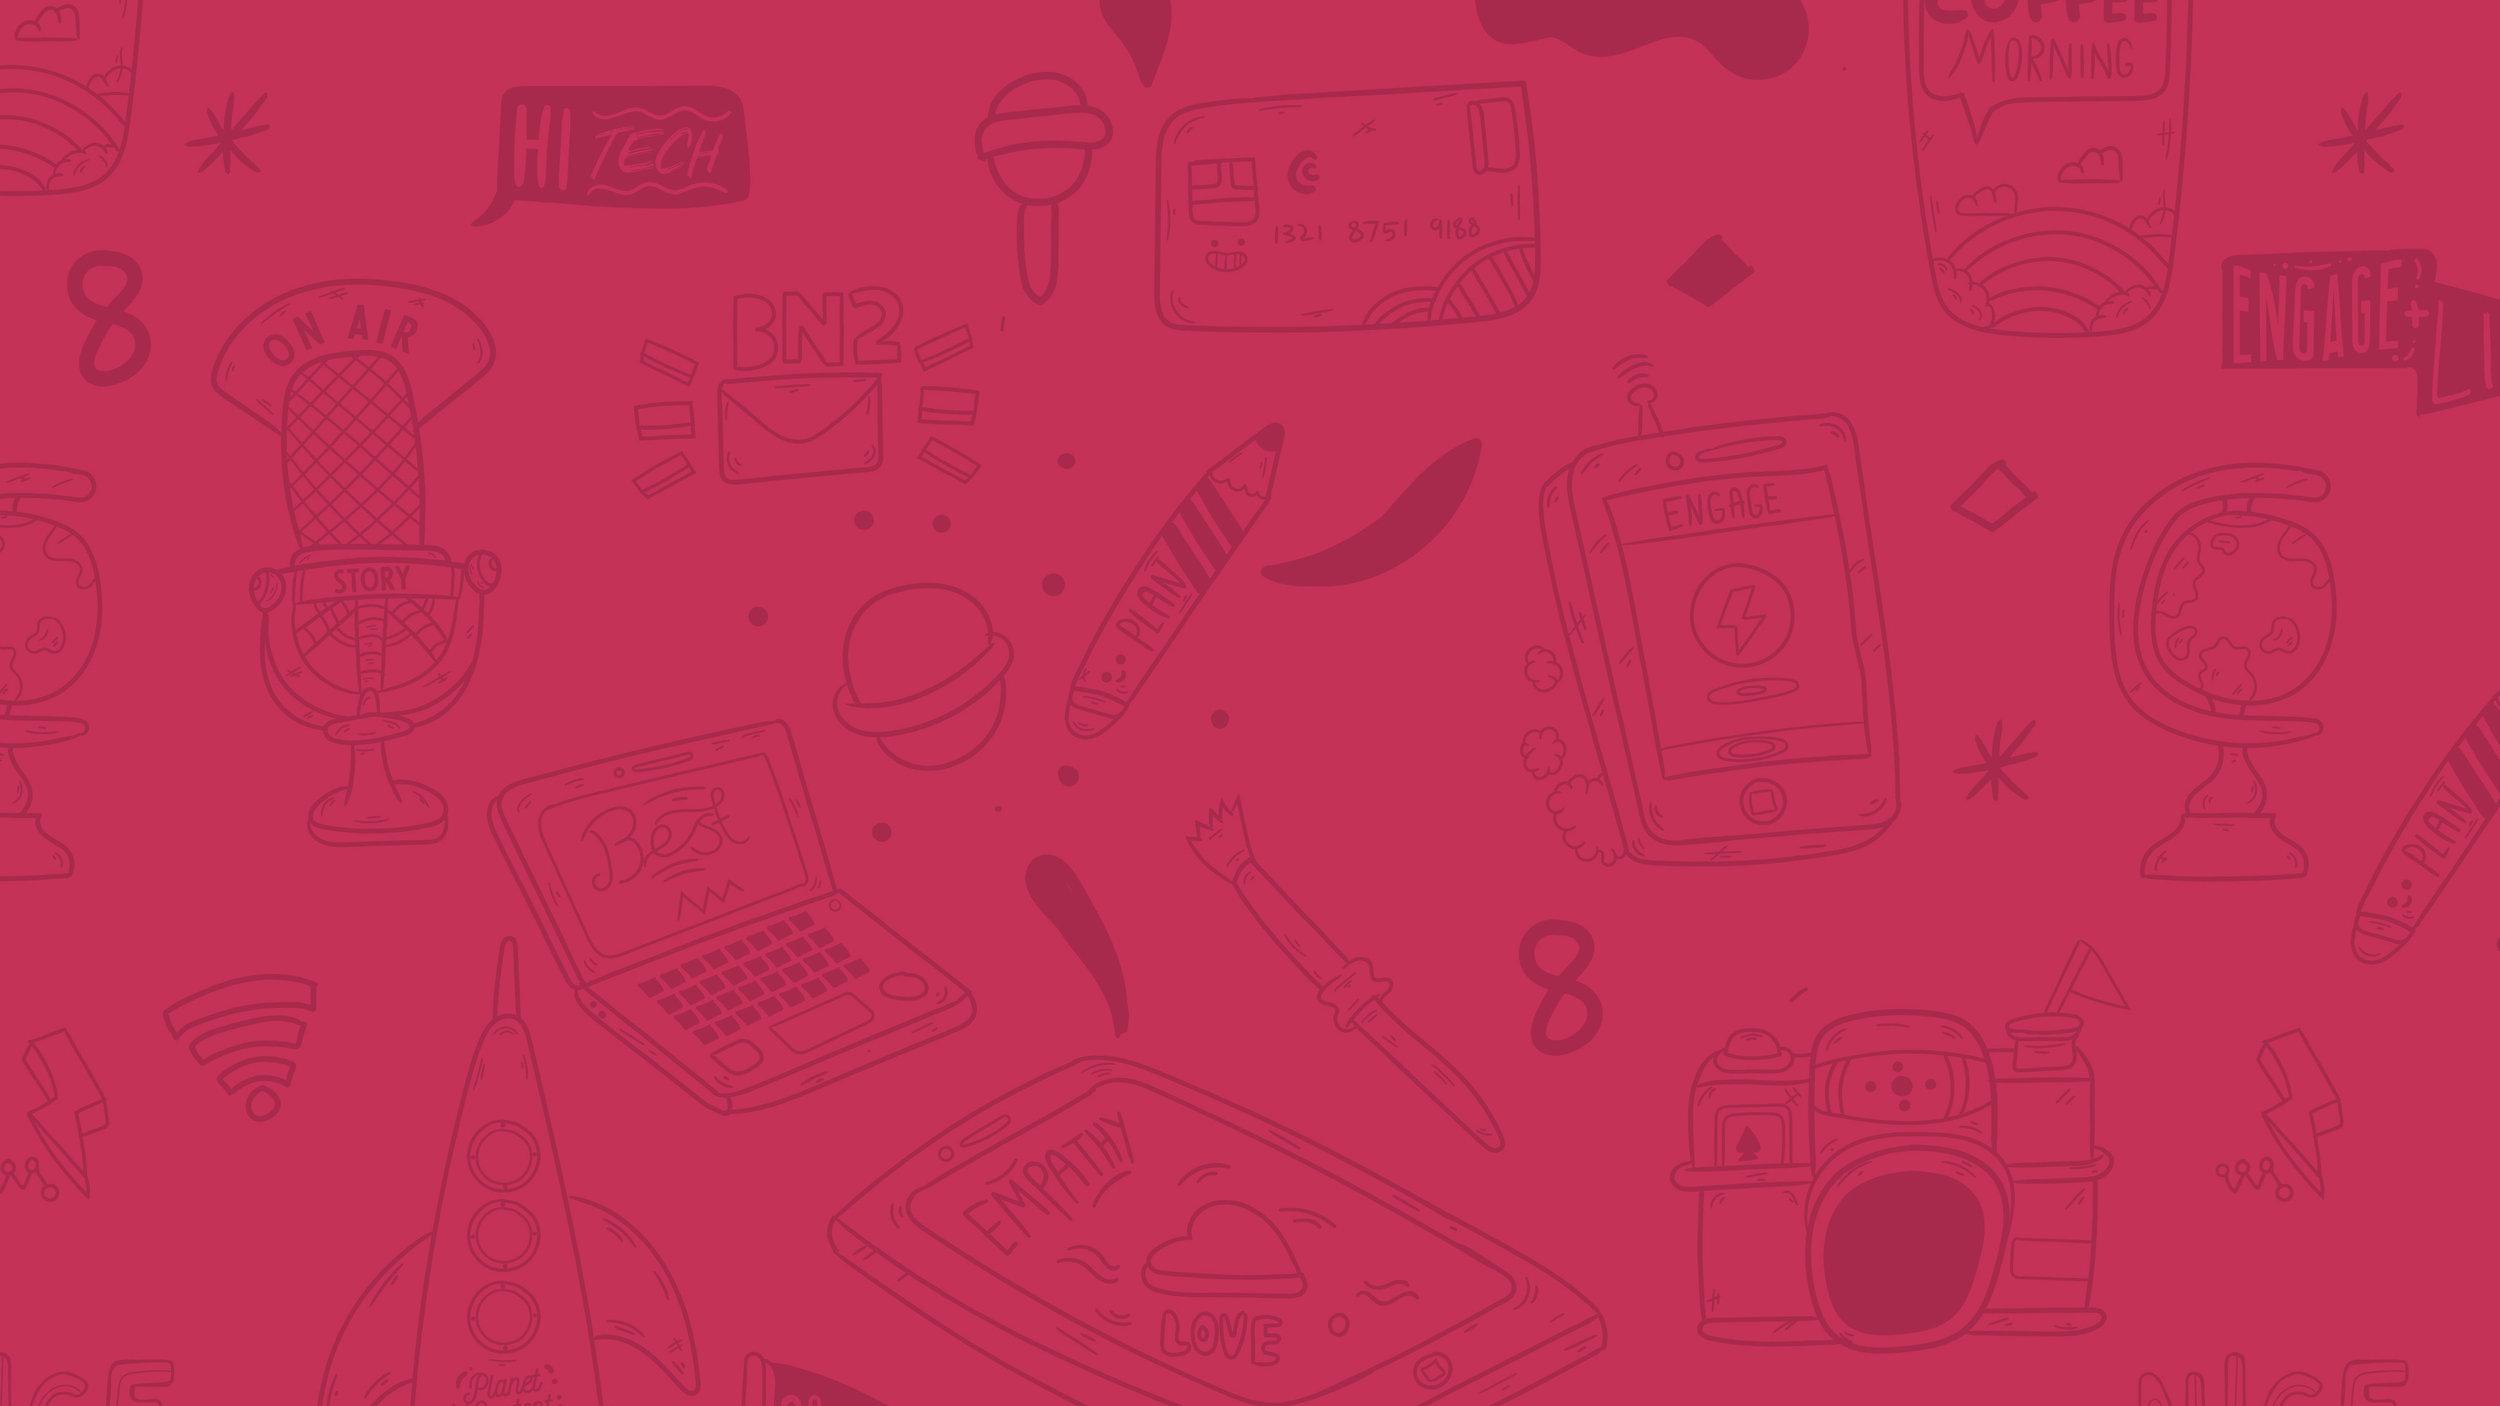 Vector illustration background for application design